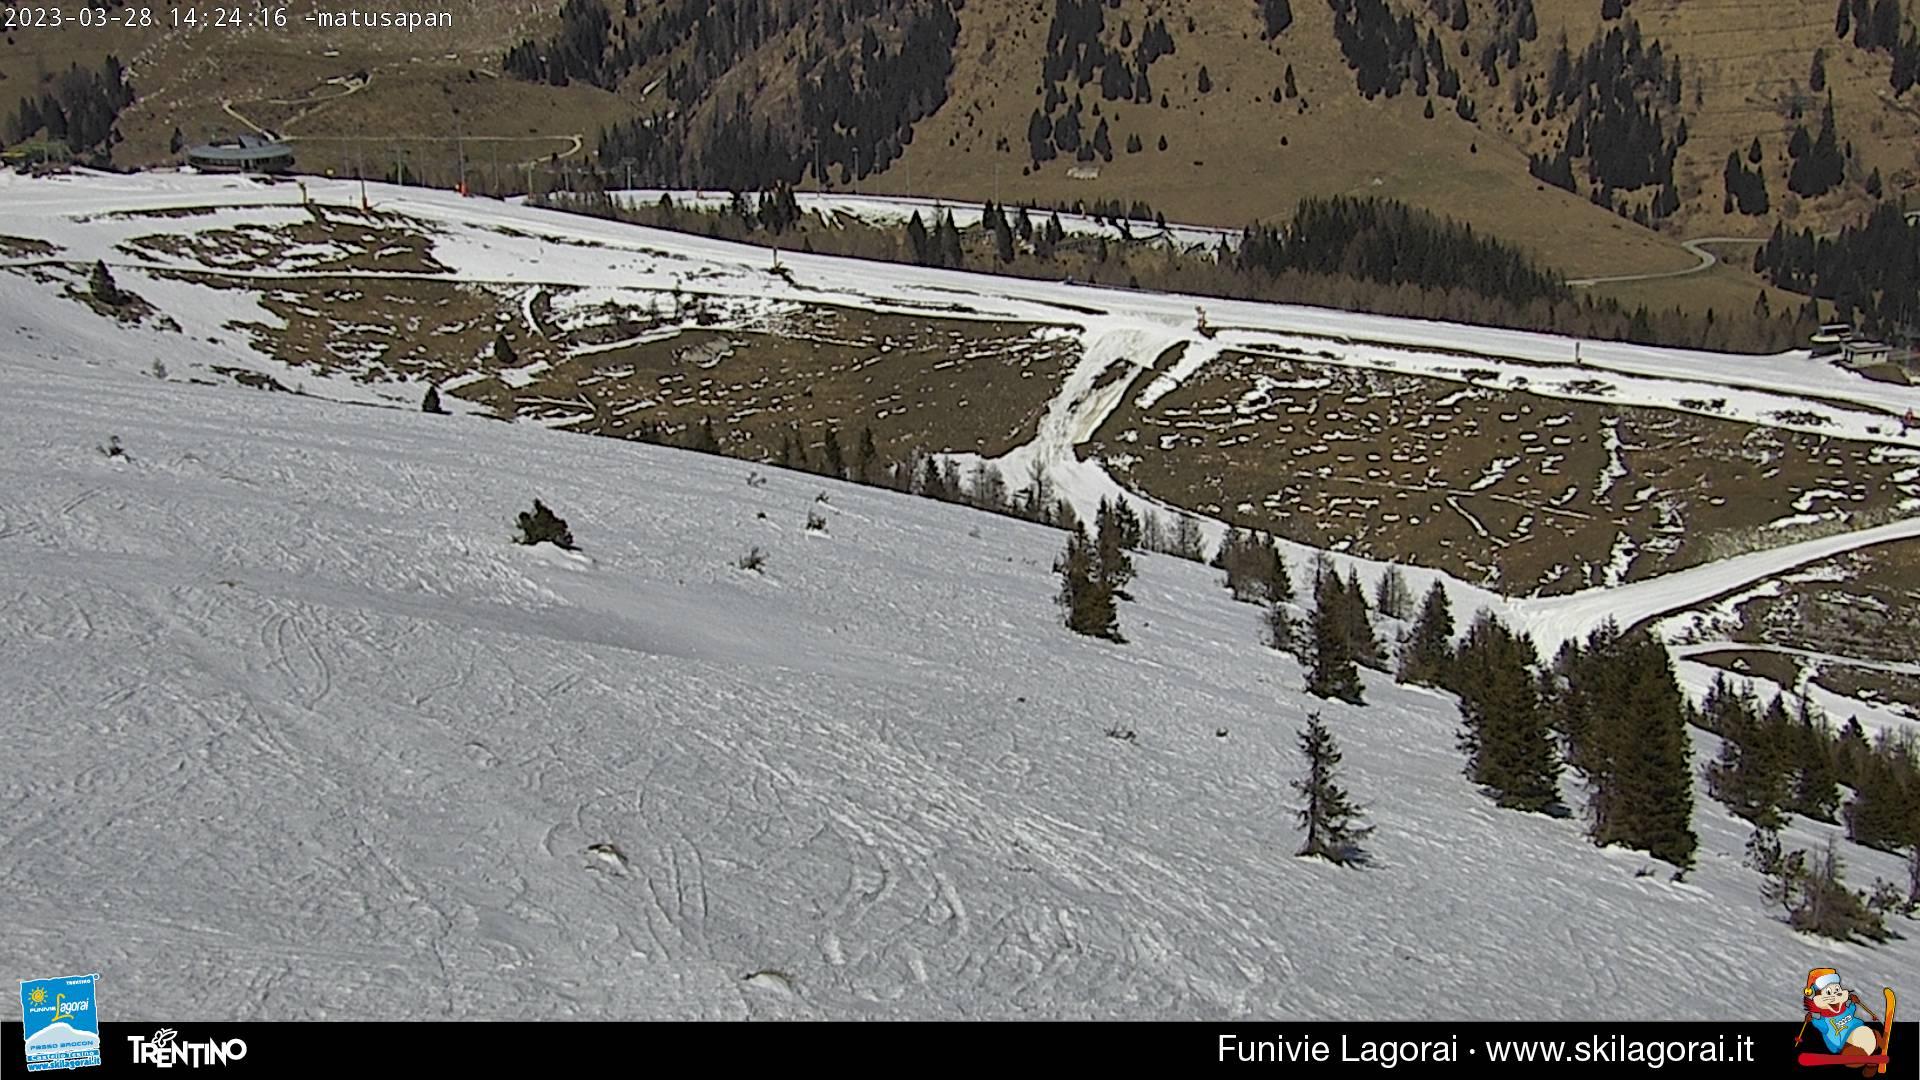 Webcam Monte Agaro Matusa